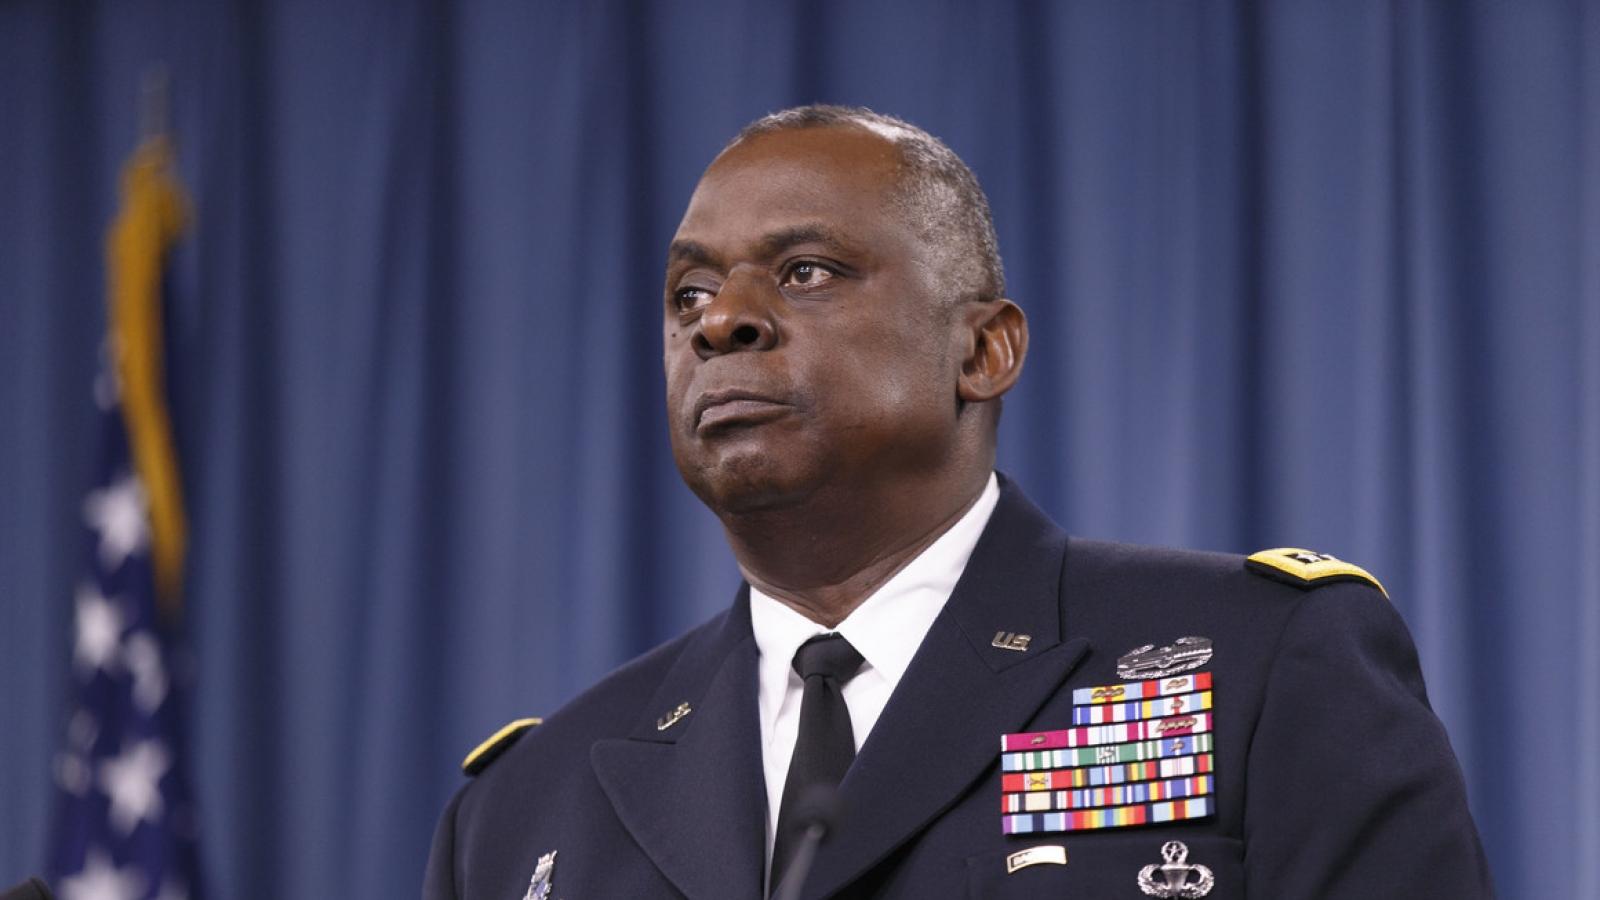 Mỹ cân nhắc cẩn thận việc đáp trả cuộc tấn công bằng tên lửa ở Iraq